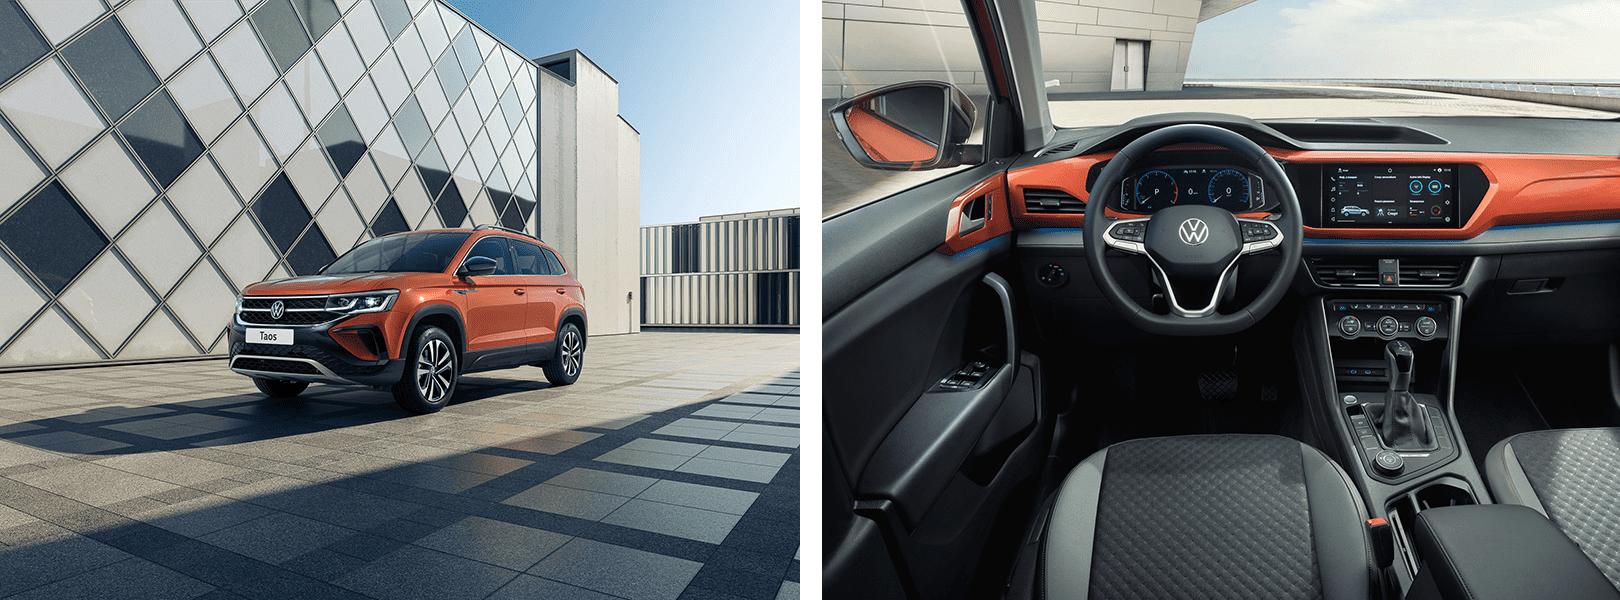 Абсолютно новый Volkswagen Taos